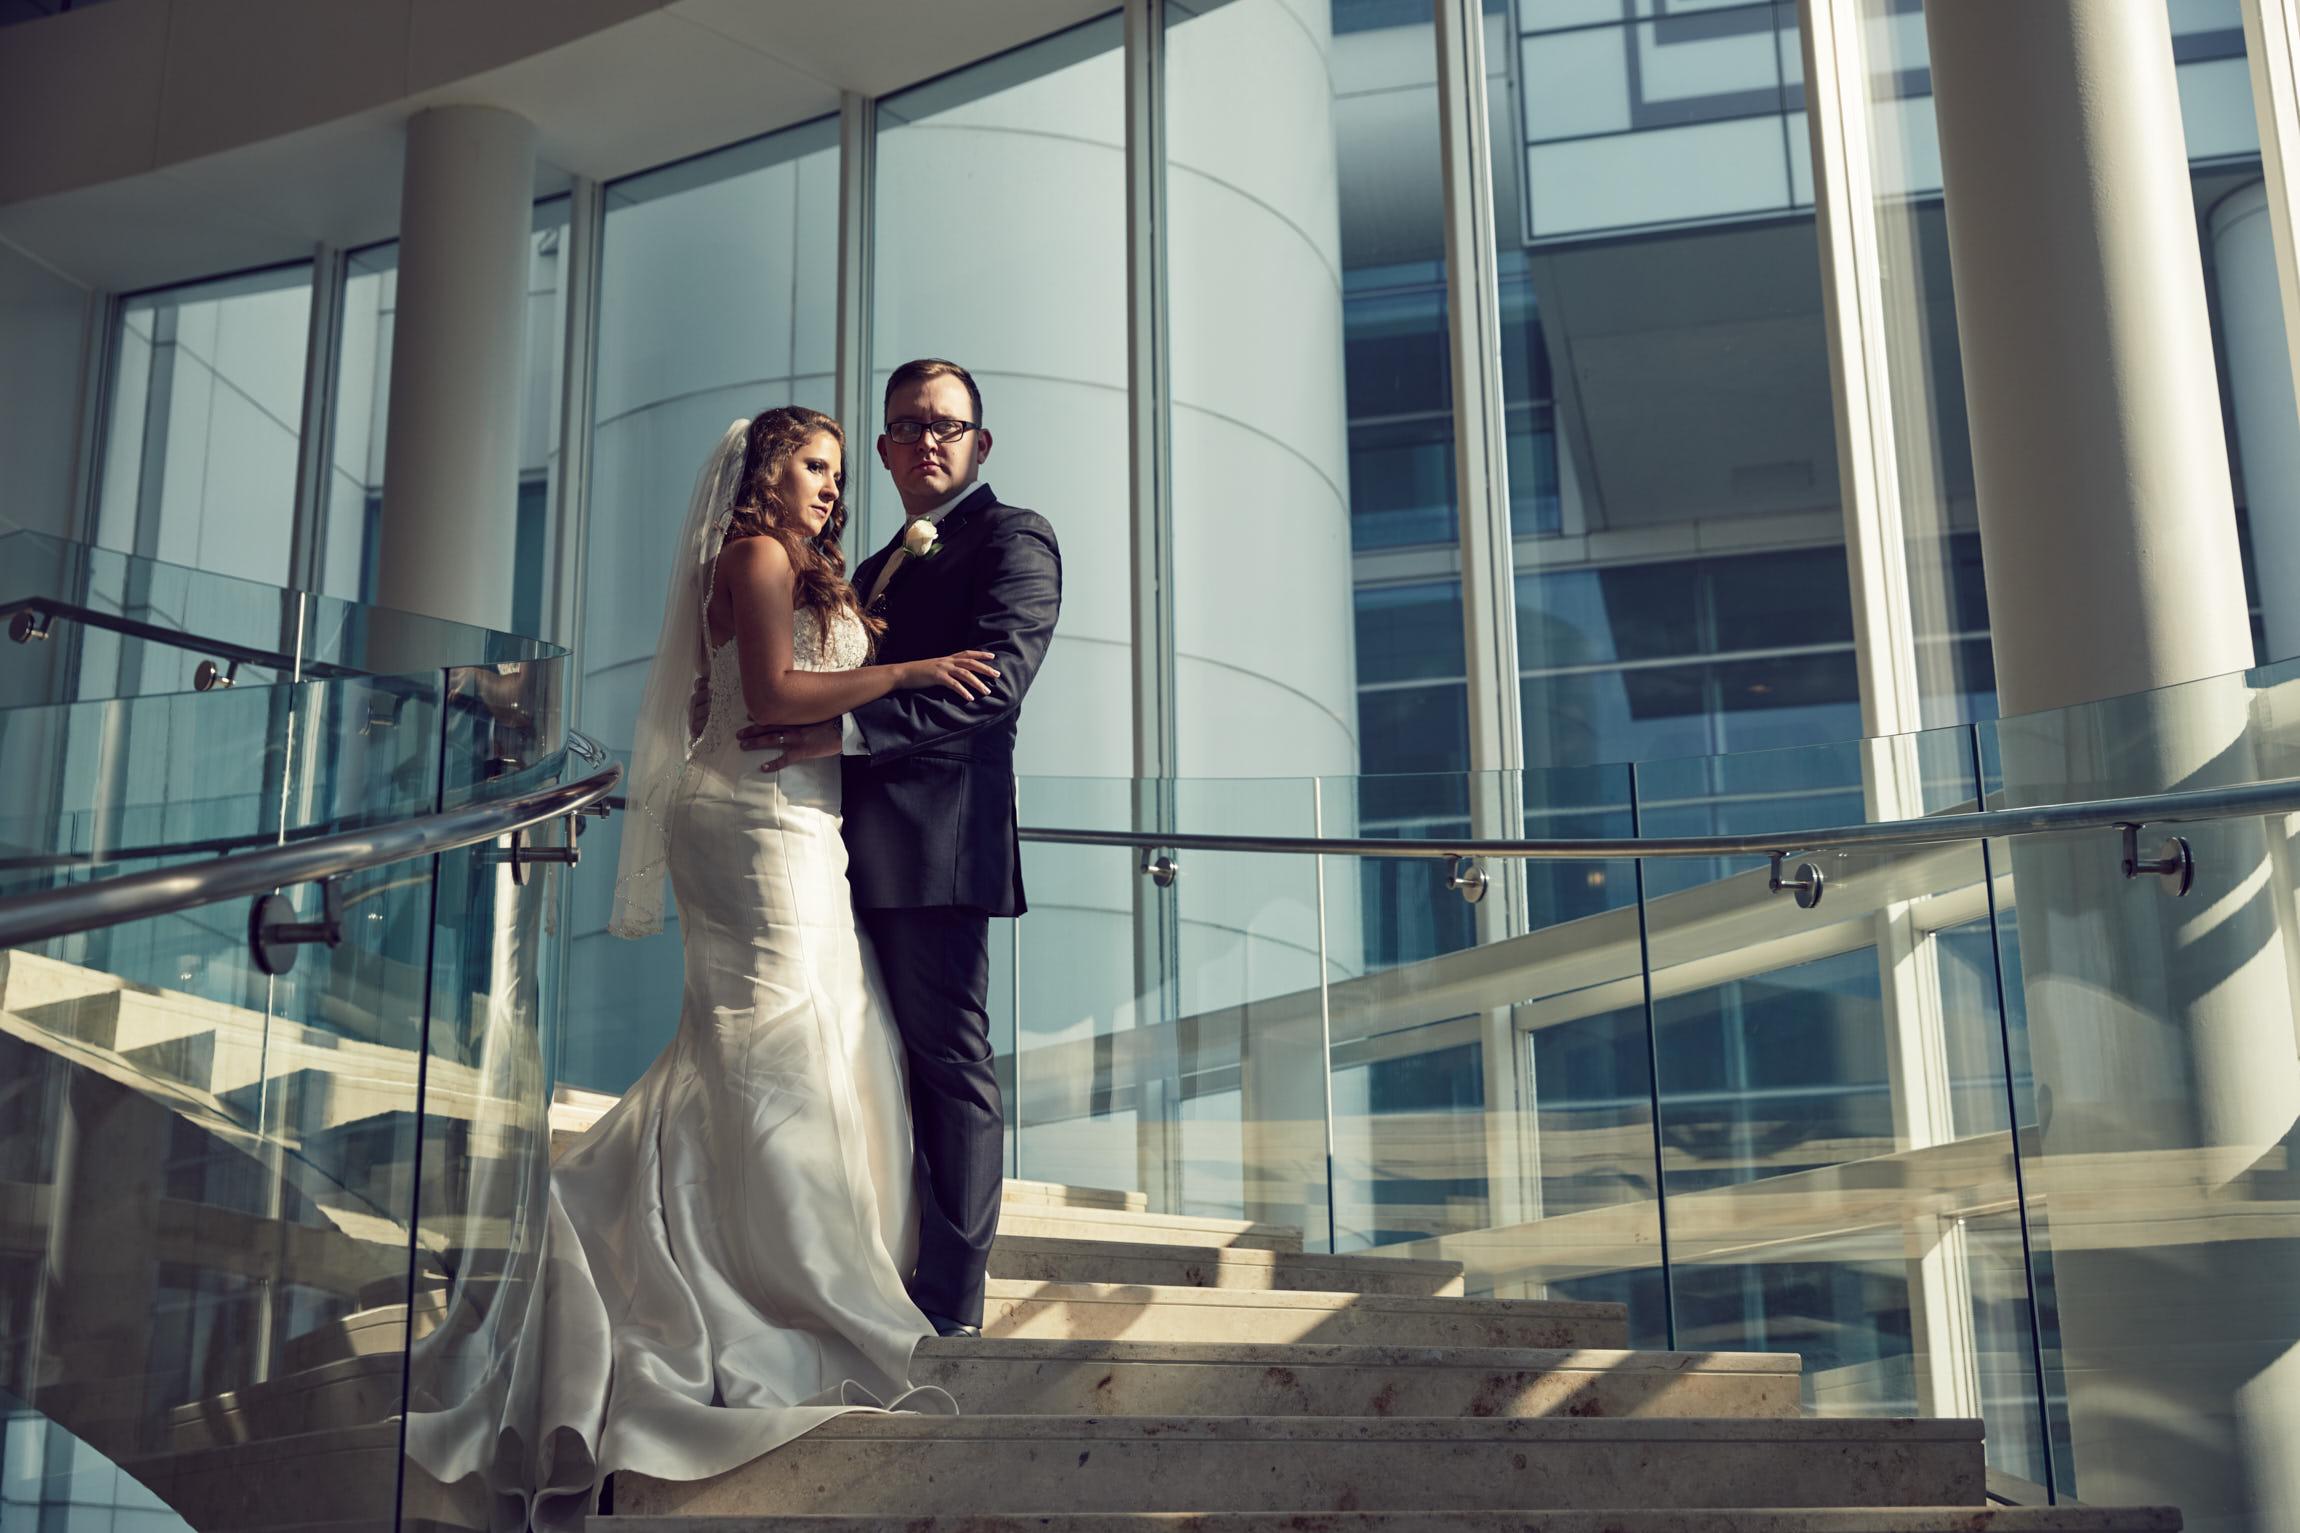 Renaissance Schaumburg Hotel wedding portrait